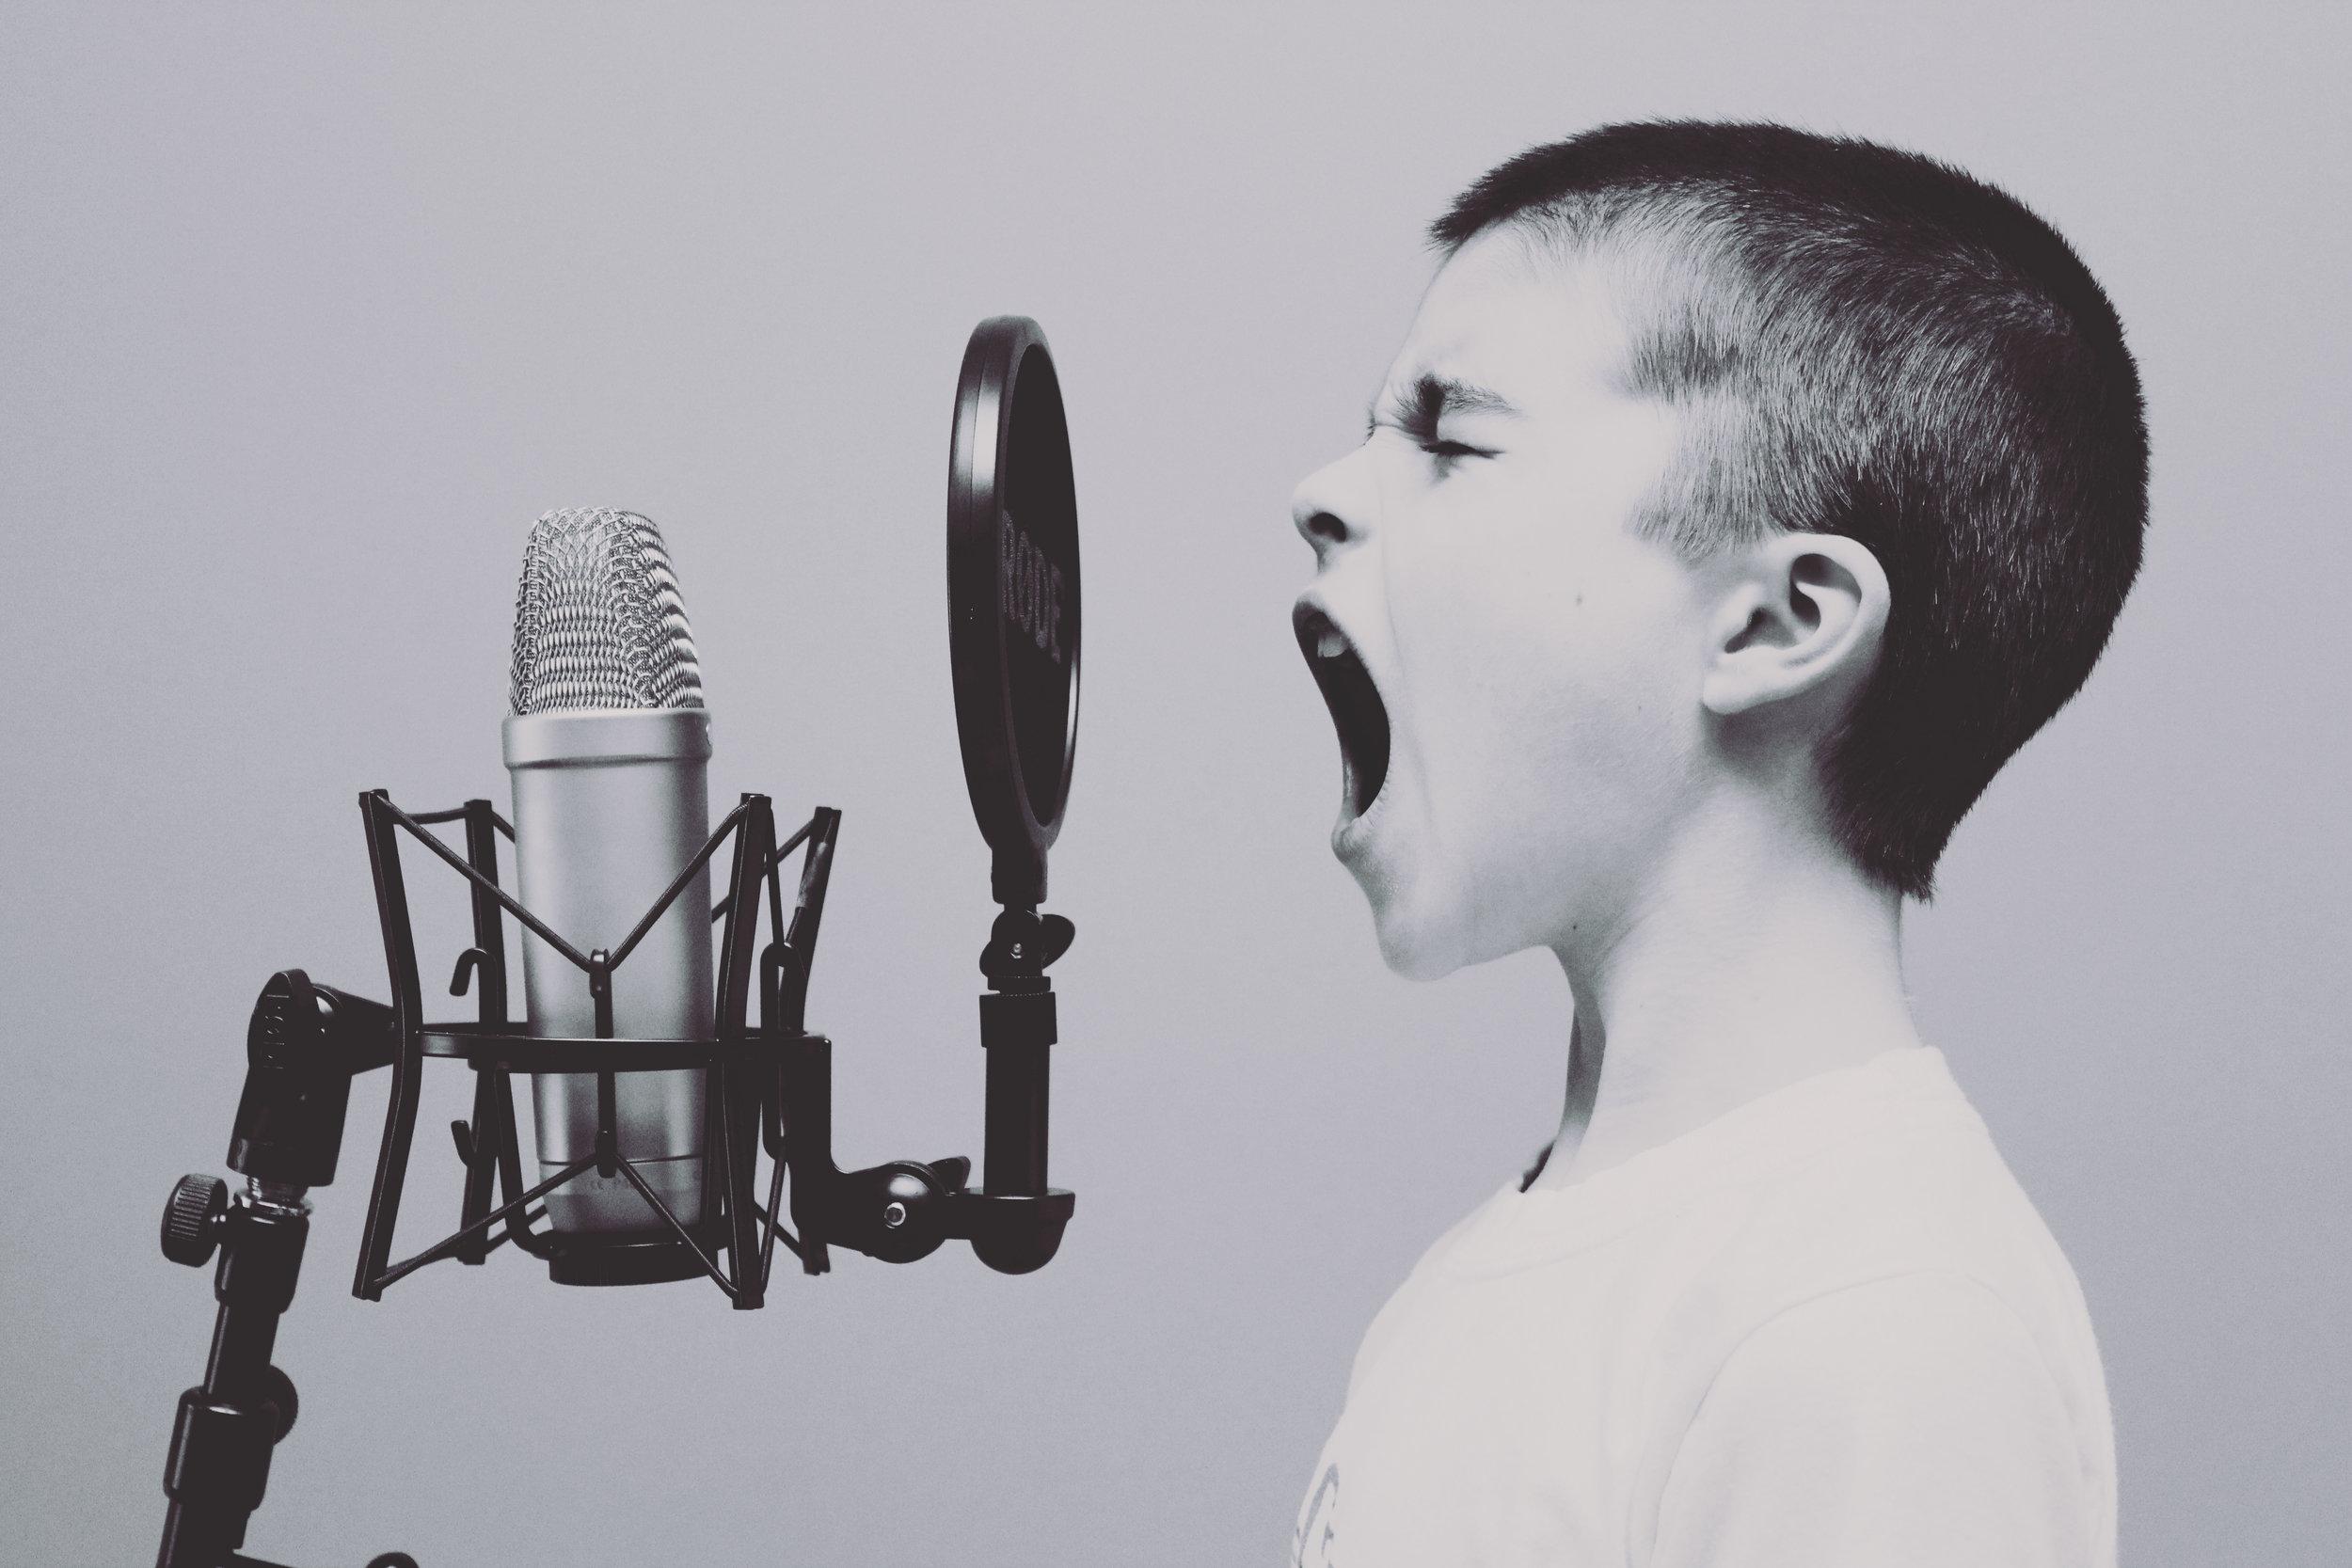 Bliver du hørt eller set? Det kan være svært… Foto: Unsplash.